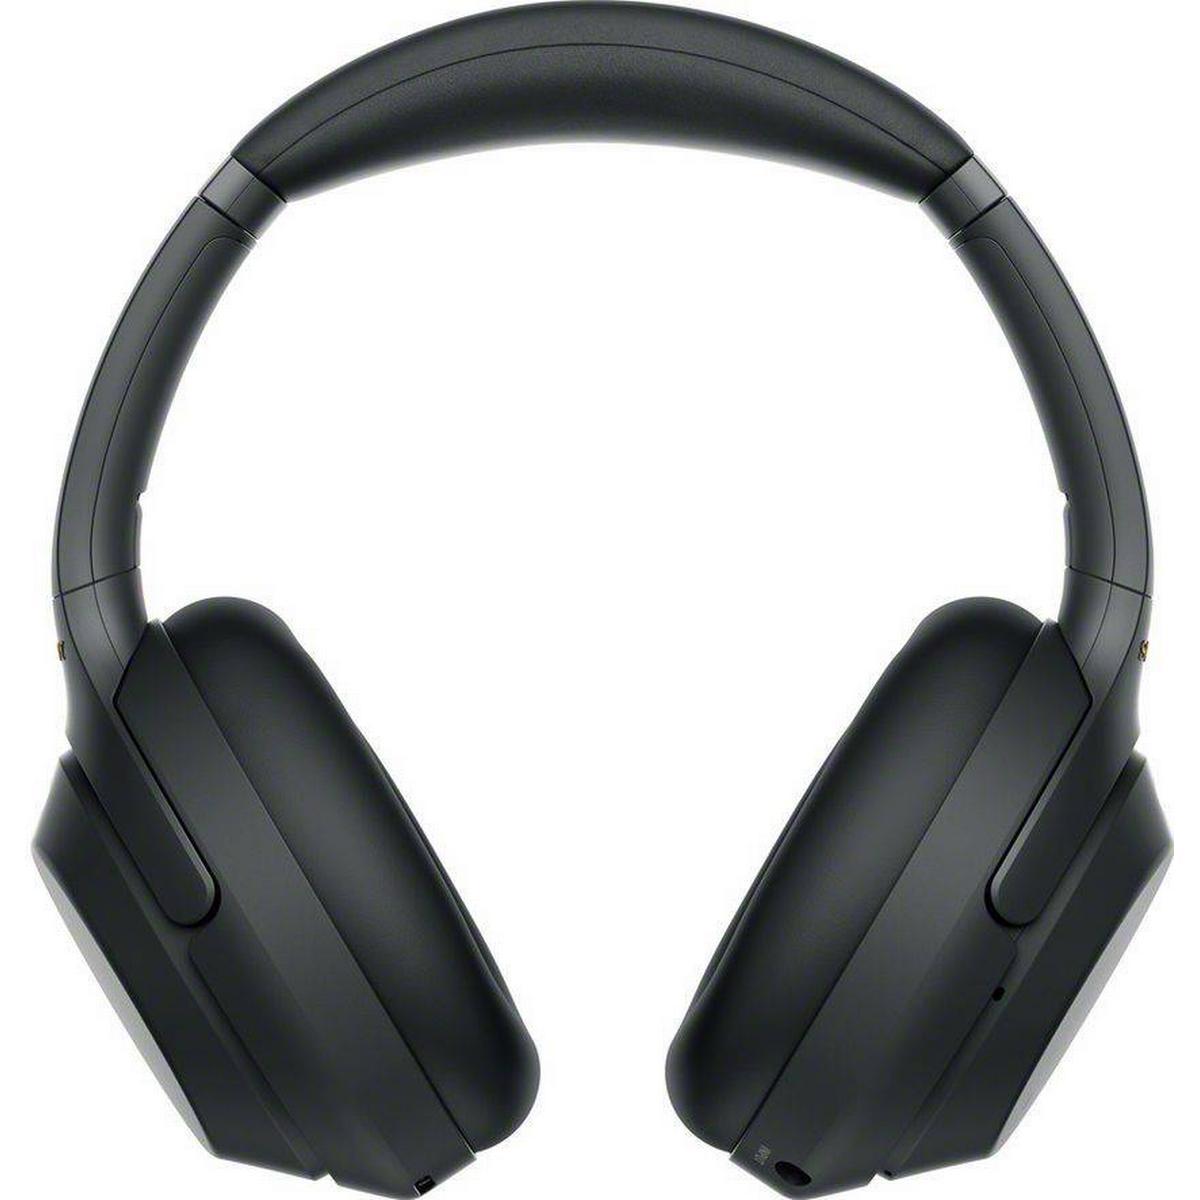 78ce99693 Sony Høretelefoner - Sammenlign priser hos PriceRunner